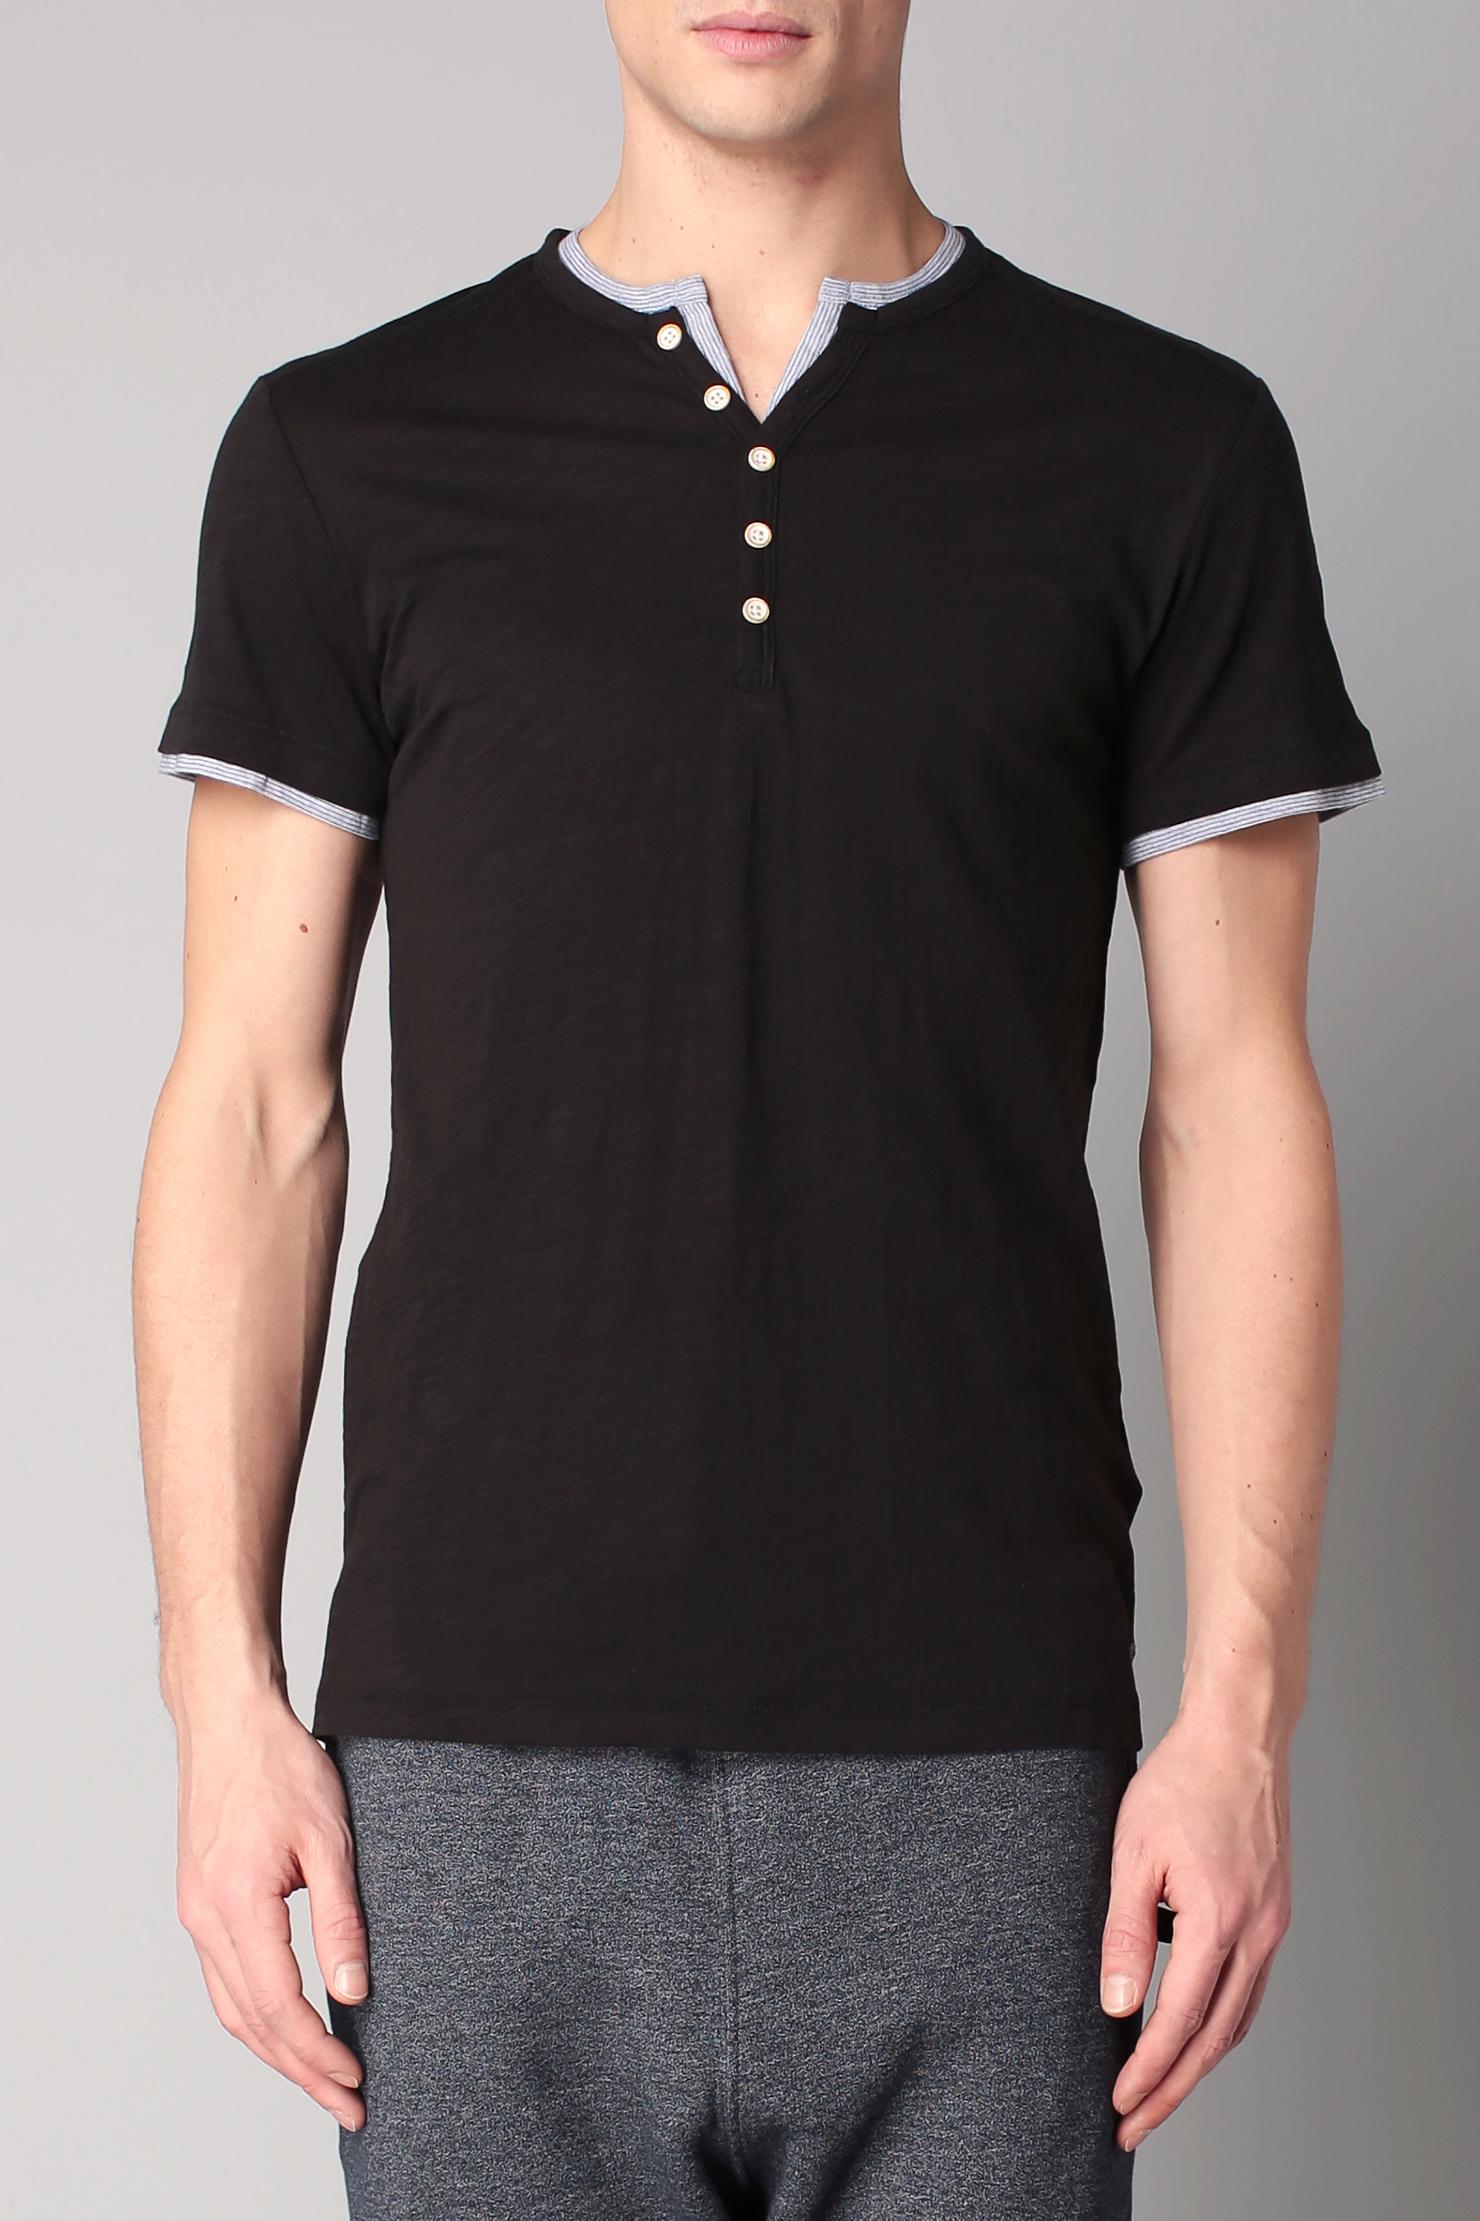 esprit short sleeve t shirt in black for men lyst. Black Bedroom Furniture Sets. Home Design Ideas